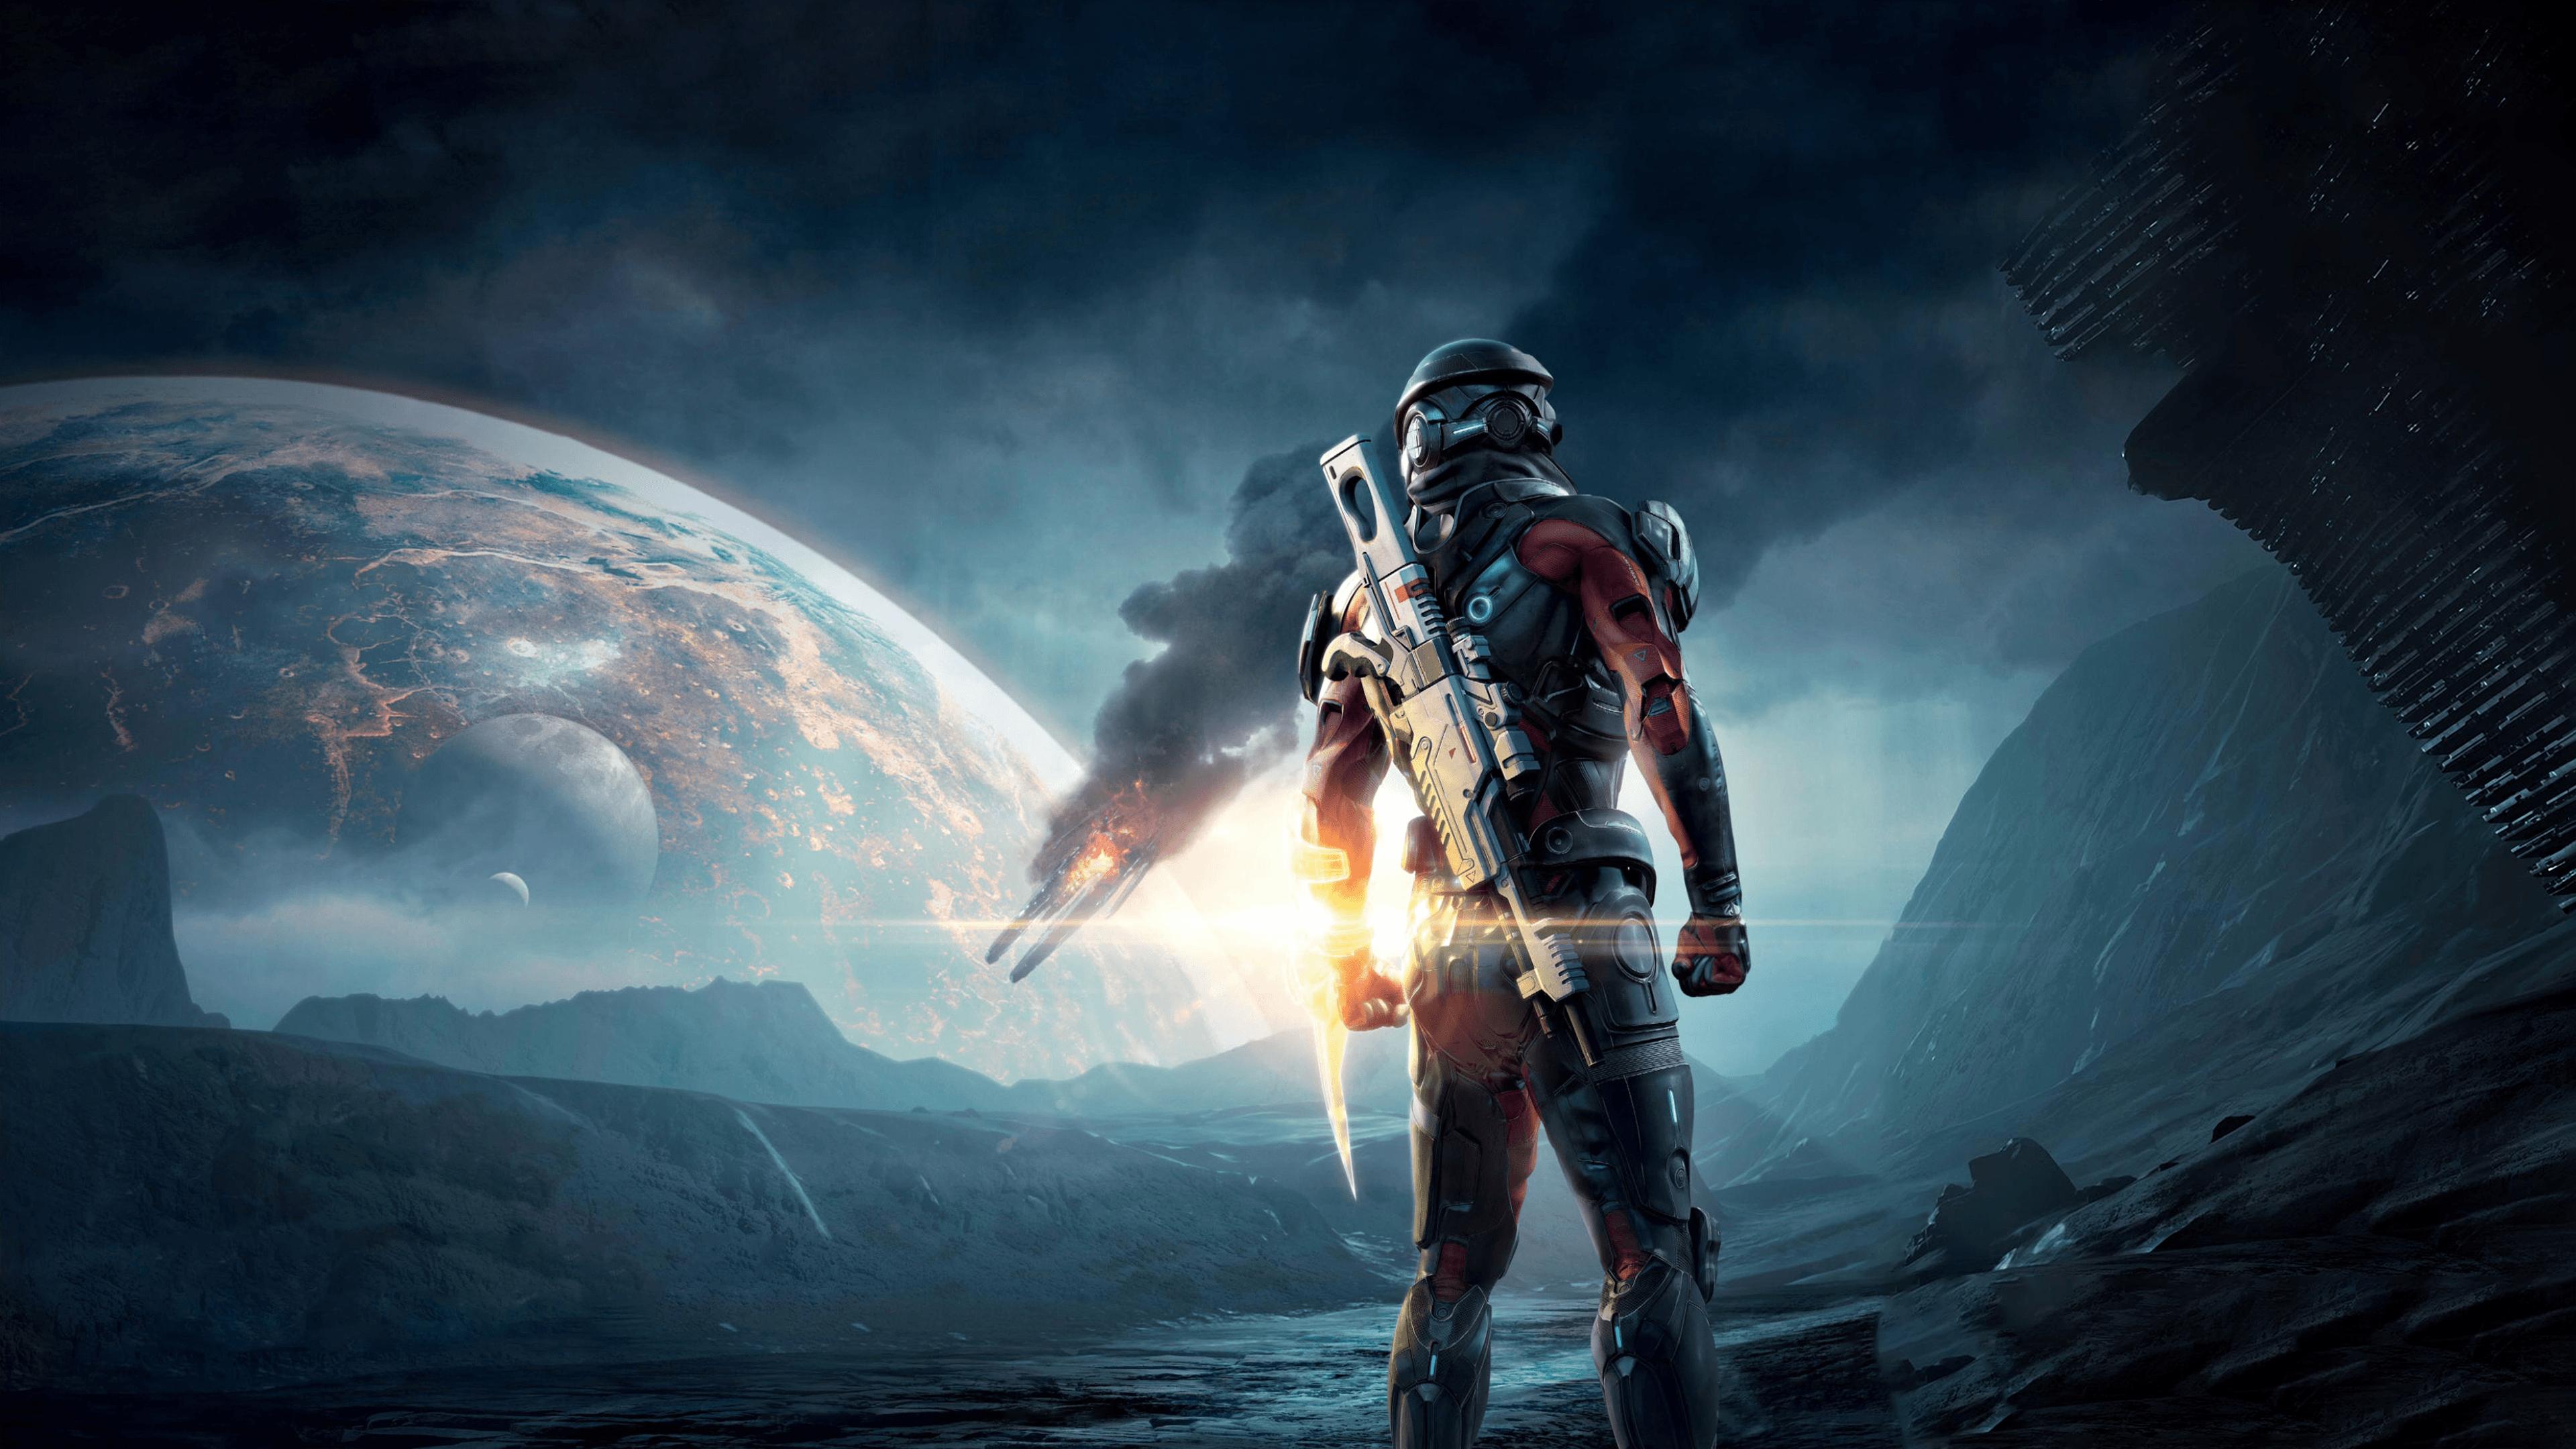 Mass Effect 4k Wallpapers Top Free Mass Effect 4k Backgrounds Wallpaperaccess